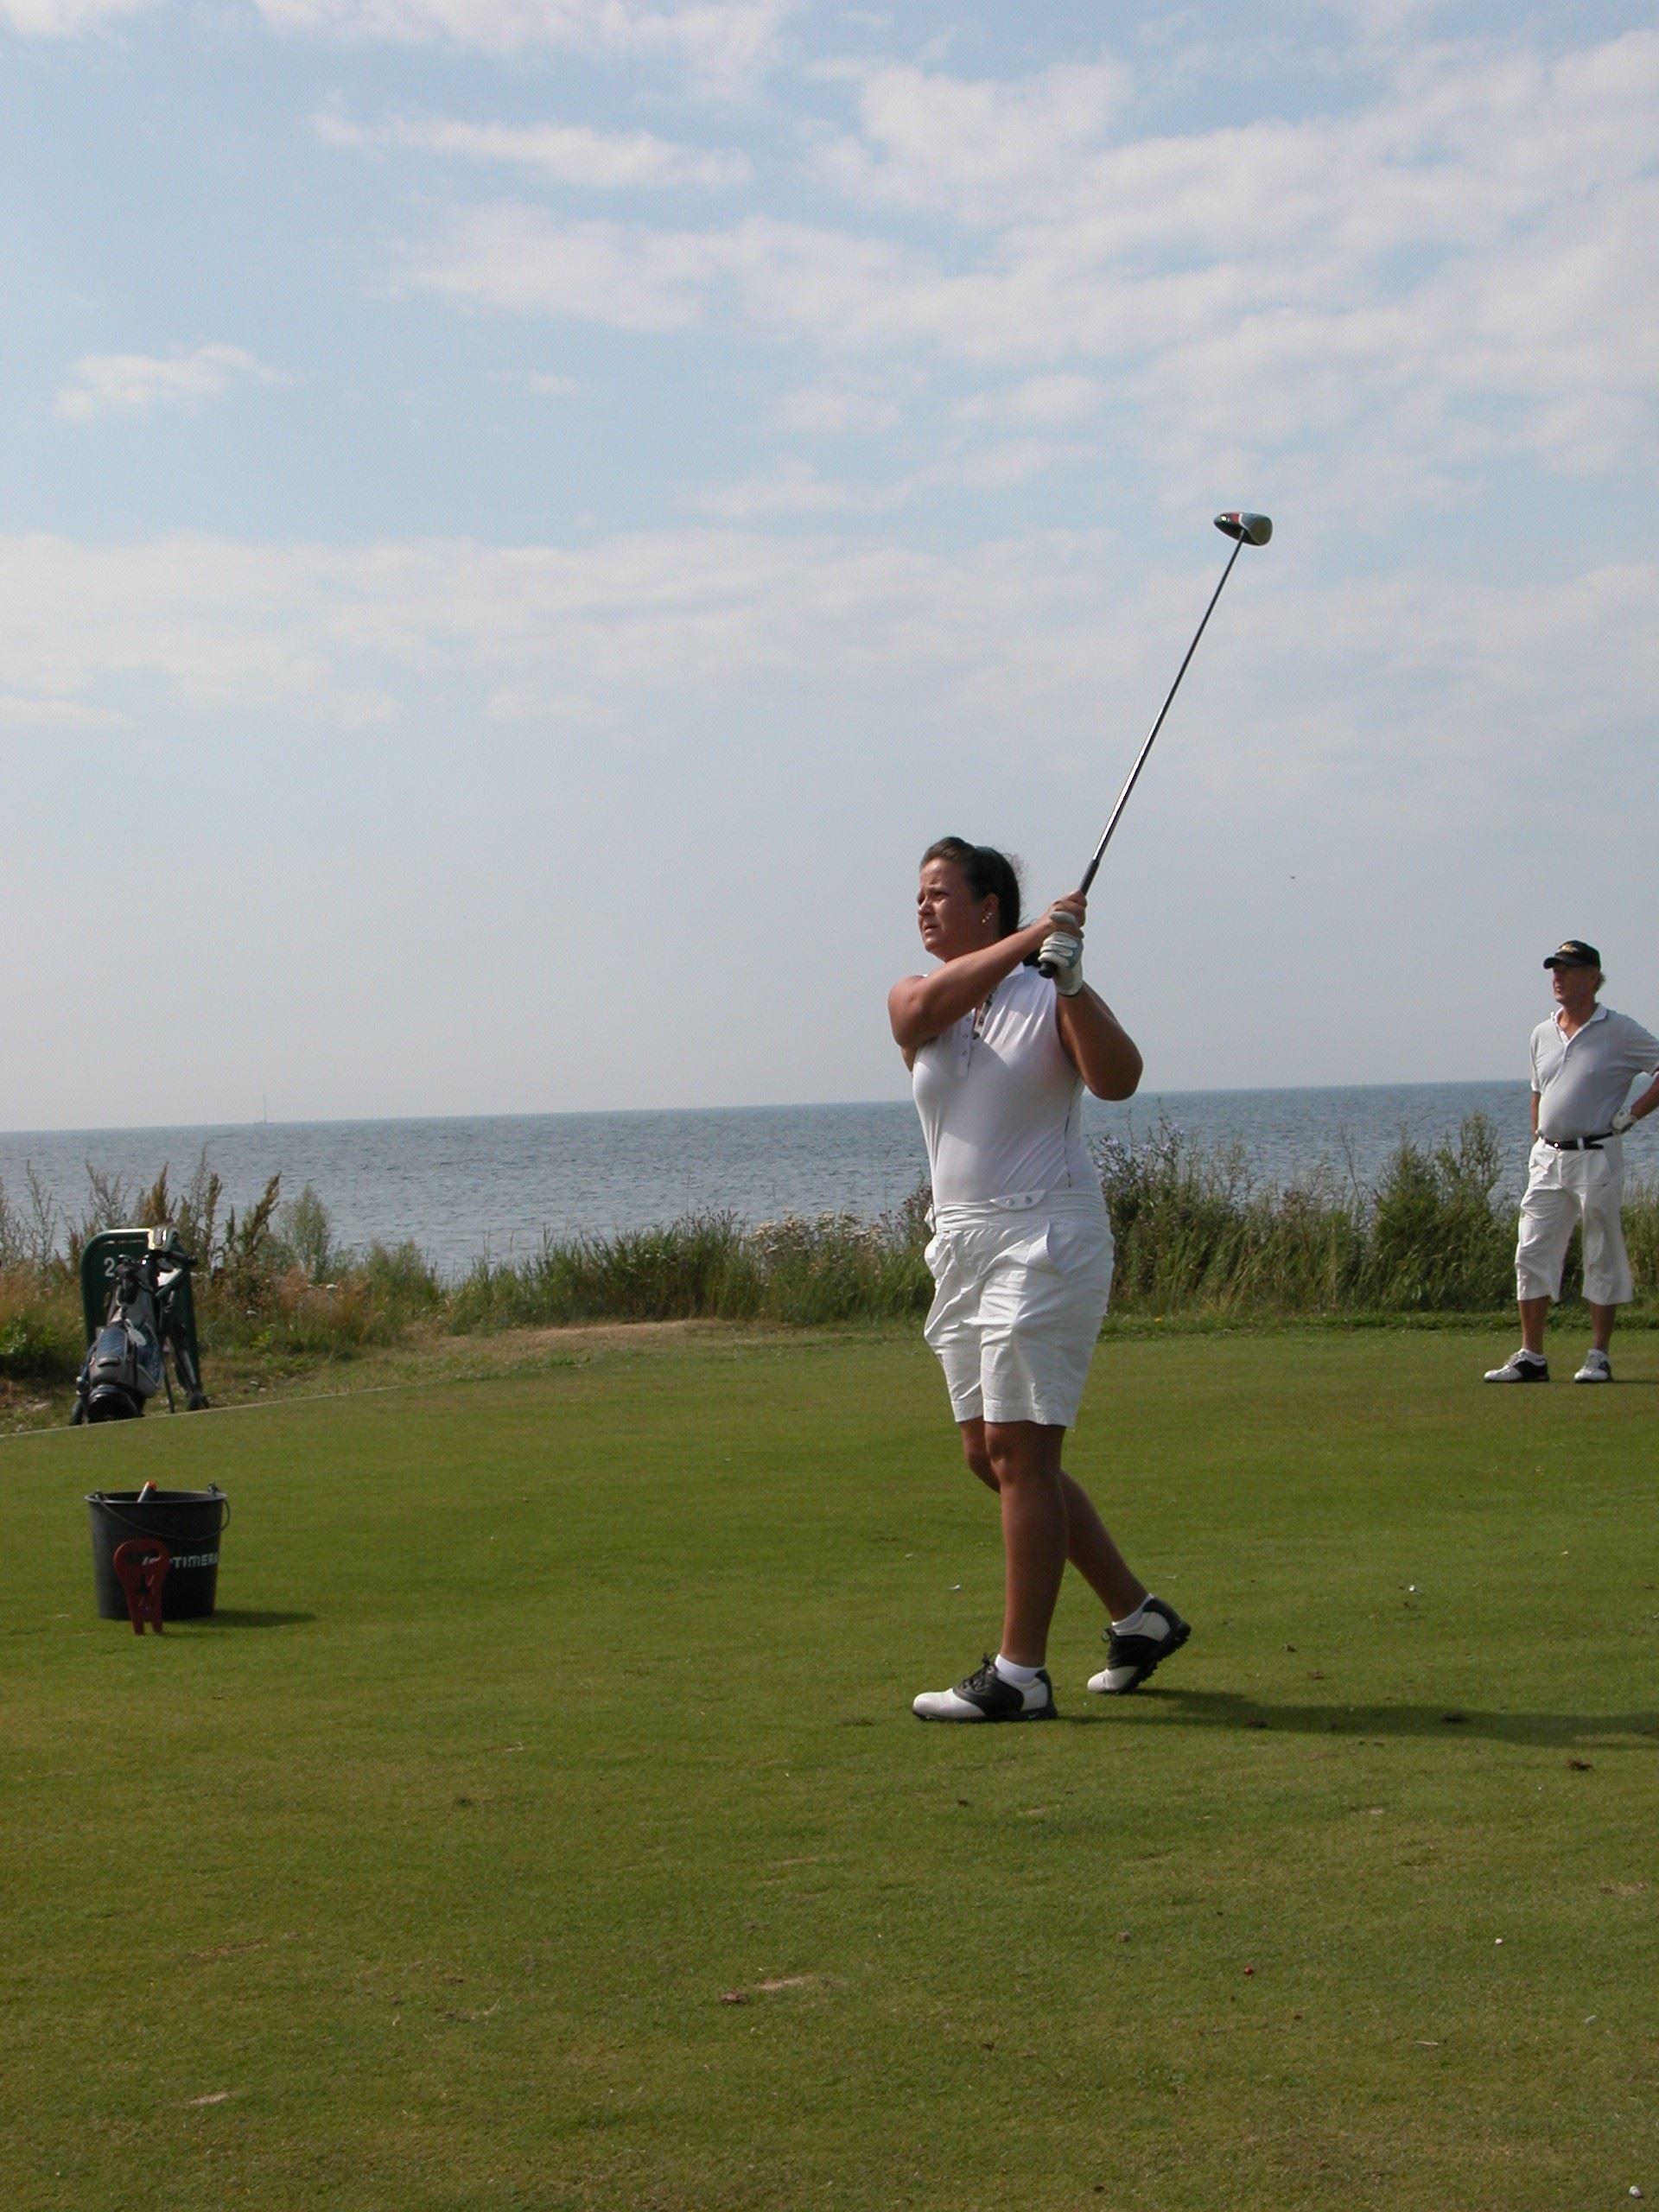 Golfbanan ligger intill havet